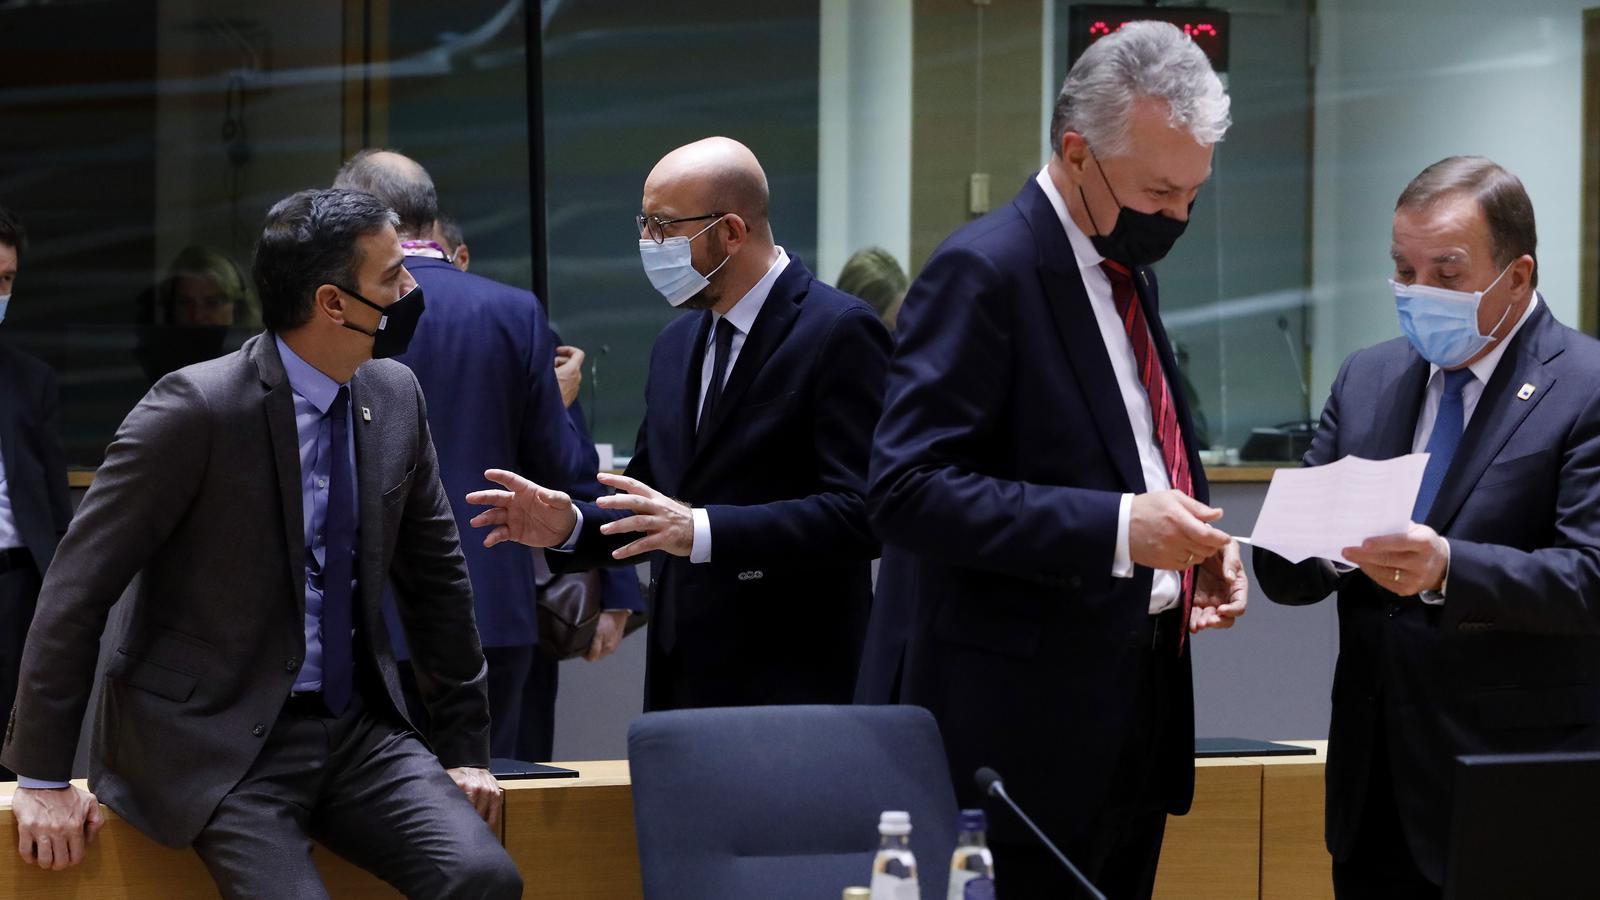 Els líders europeus durant la cimera aquesta setmana a Brussel·les.